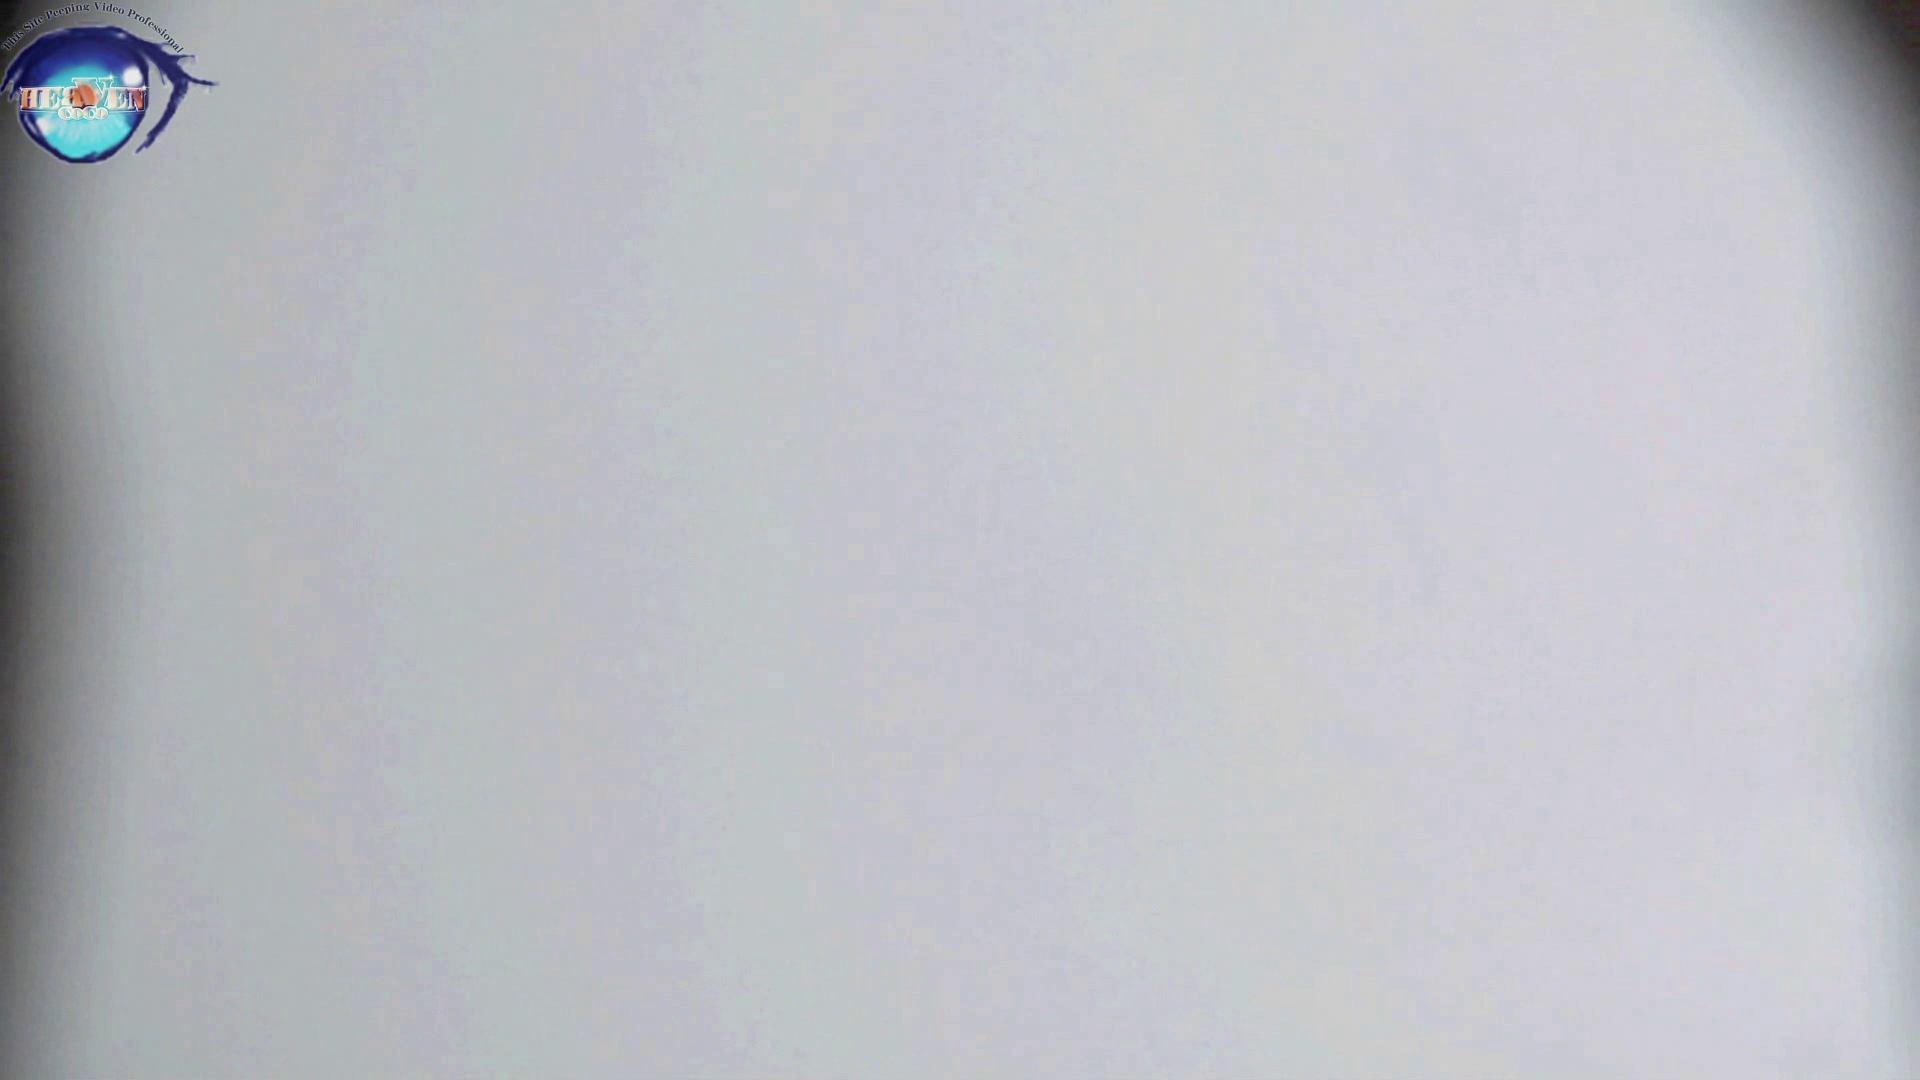 洗面所突入レポート!!お銀 vol.69 ナイスドアップ、外撮り!!前編 洗面所   OLエロ画像  43PICs 9